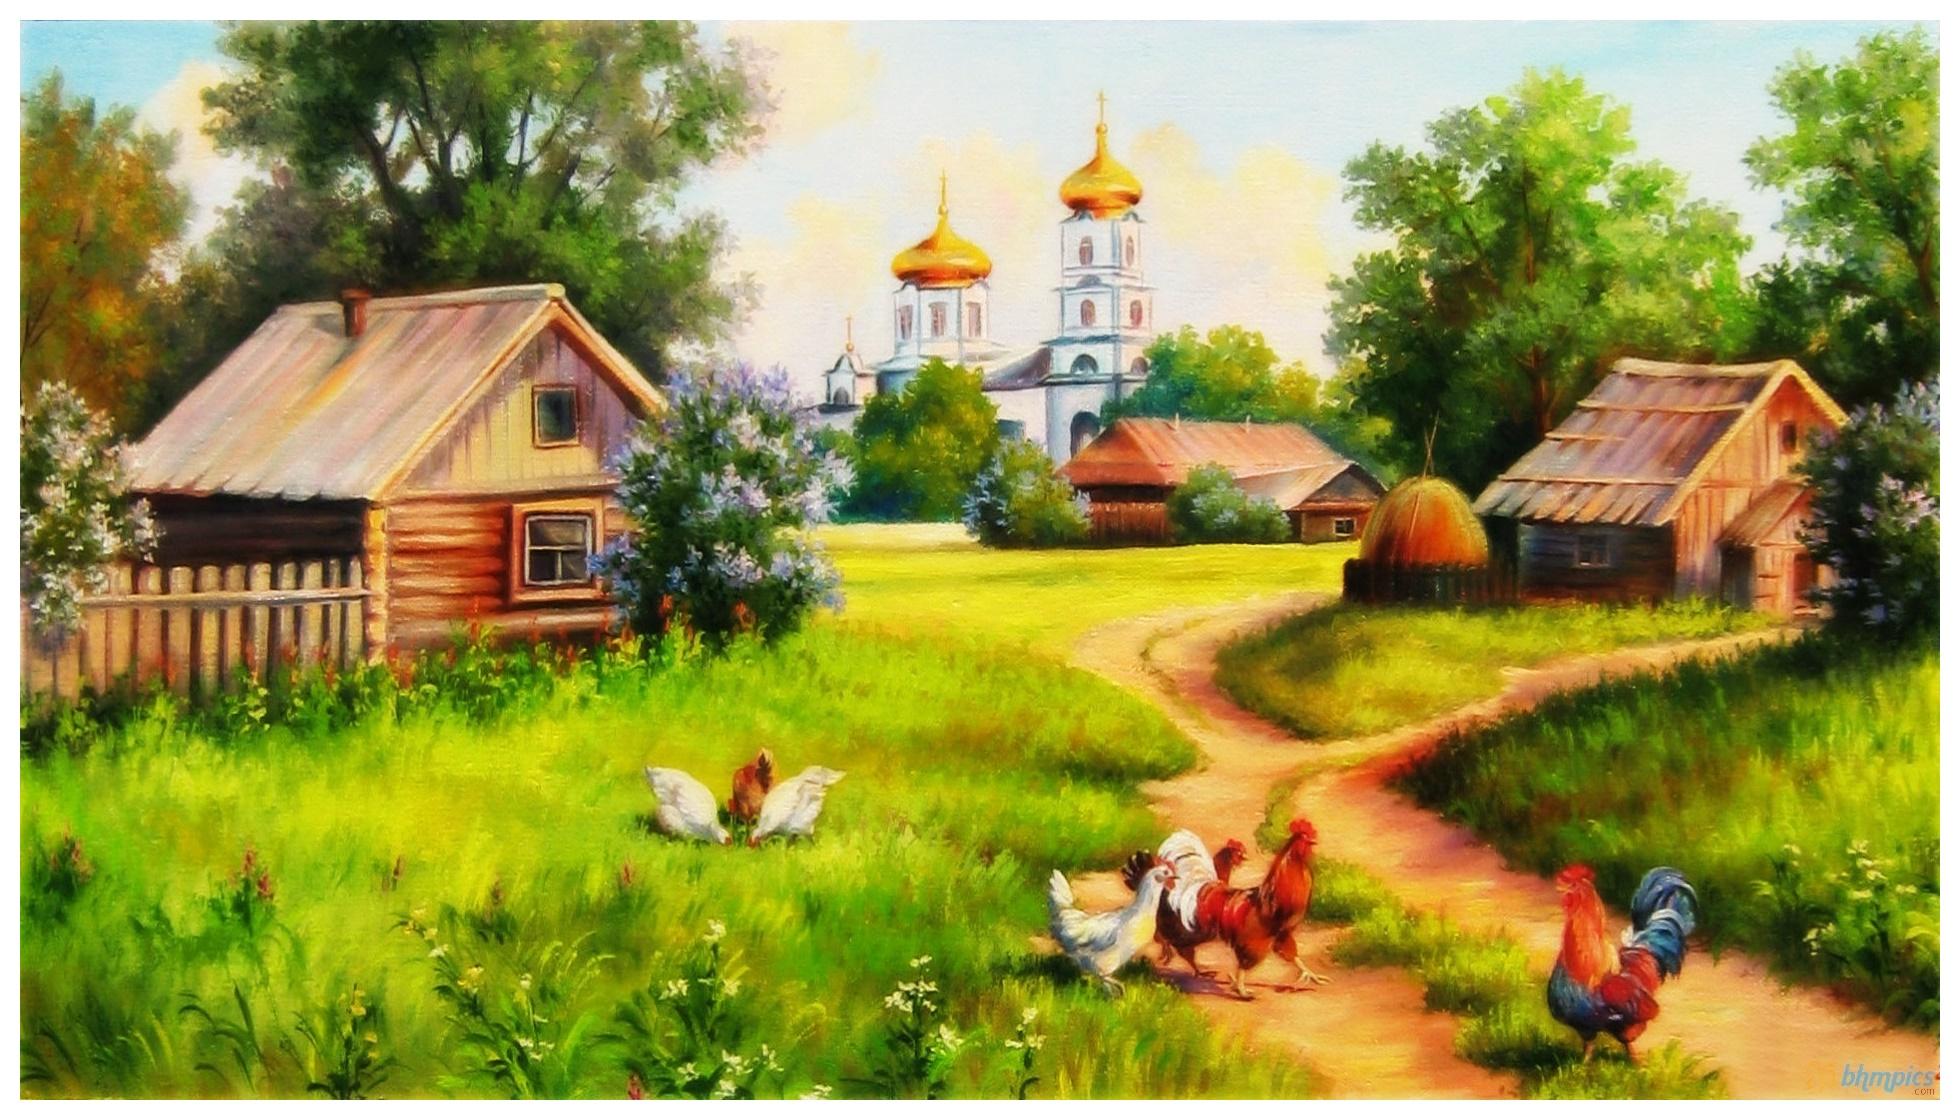 27499837-village-wallpapers.jpg